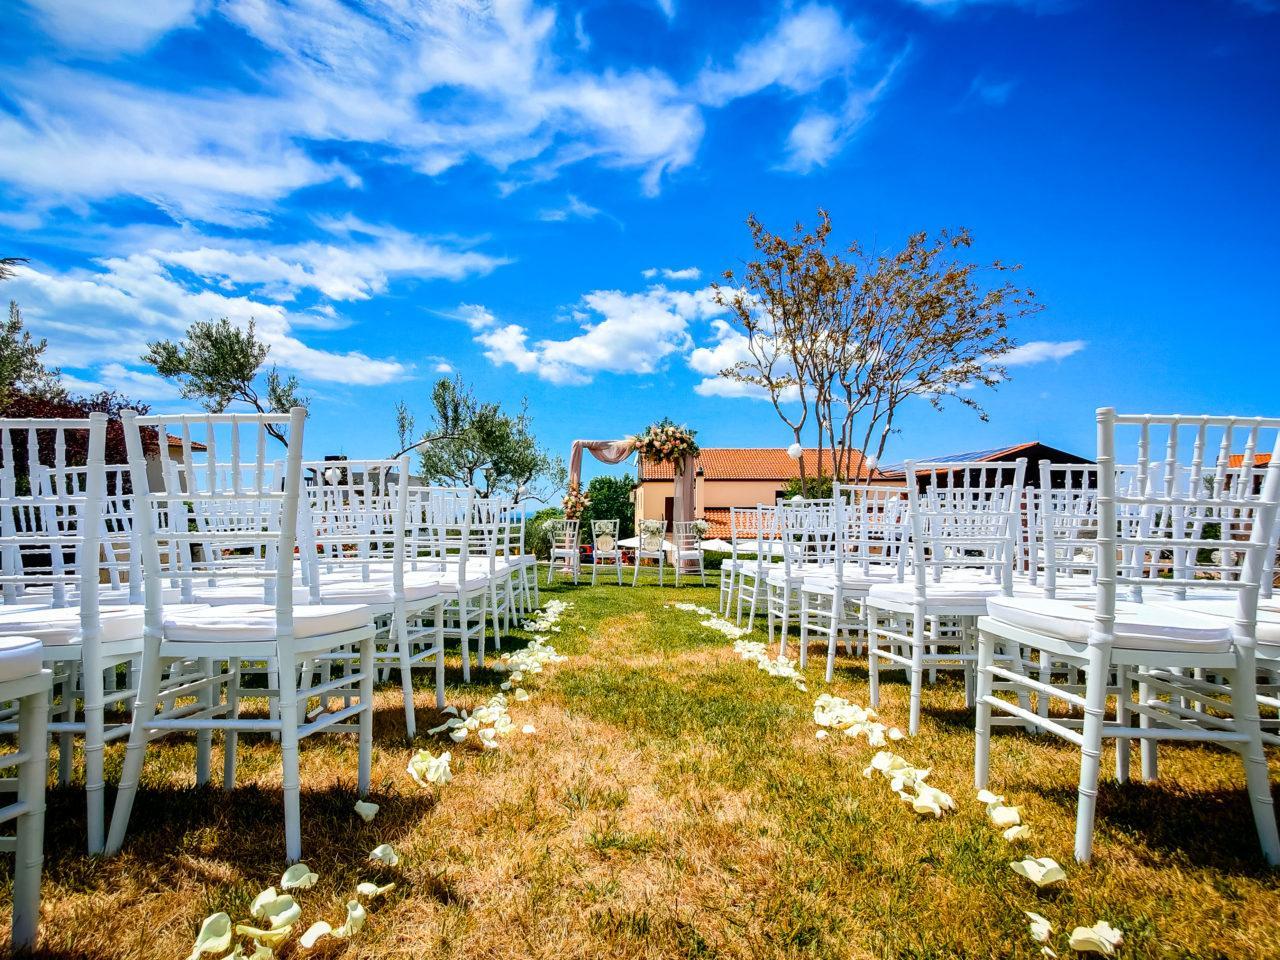 hochzeitslocation Kroatien location hochzeit heiraten 8 1 1280x960 - Hochzeitslocations